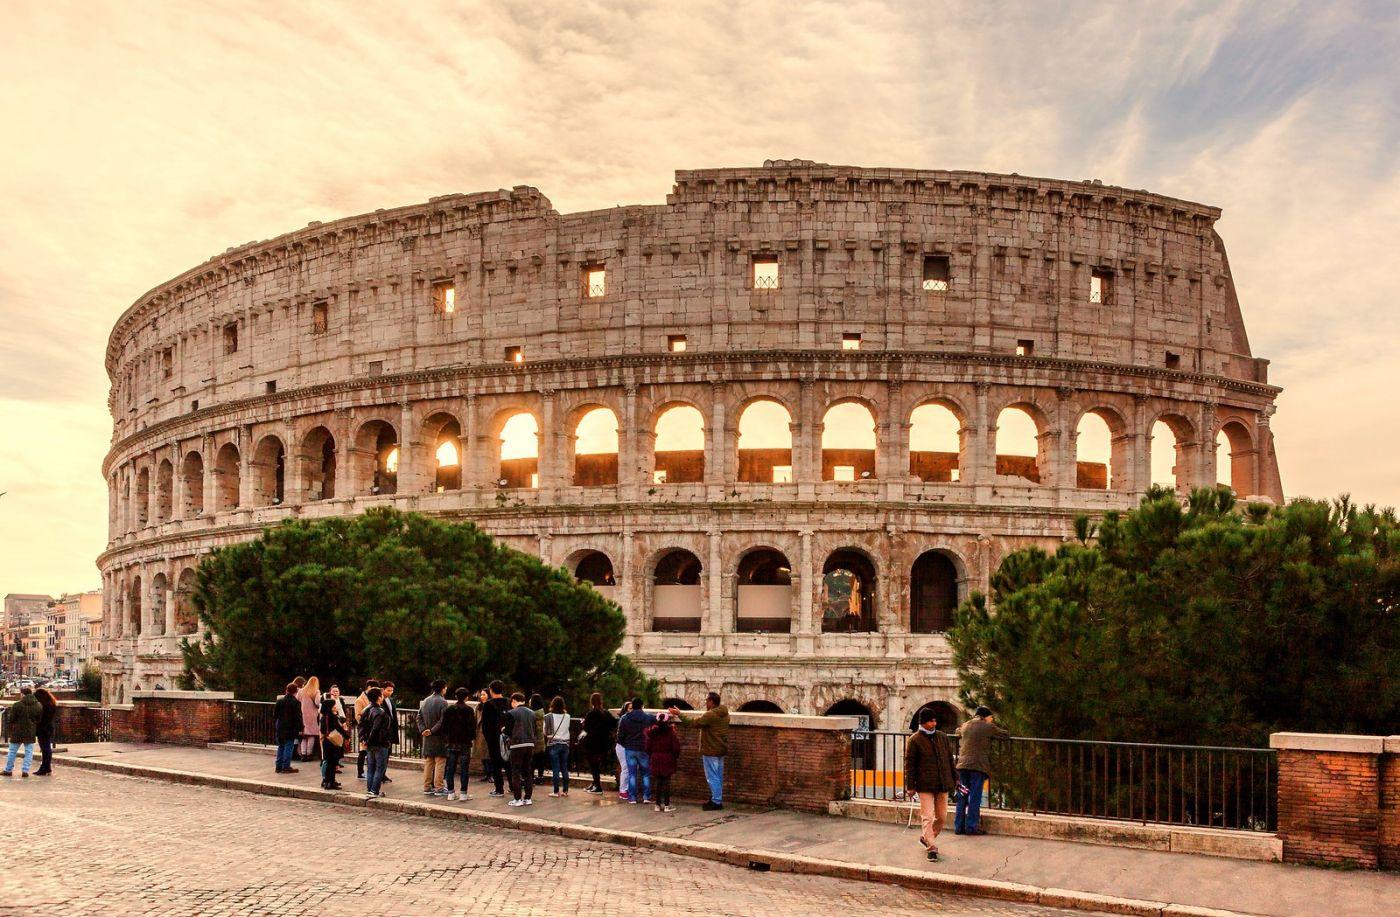 罗马斗兽场(Colosseum), 两千年的宏大建筑古迹_图1-2